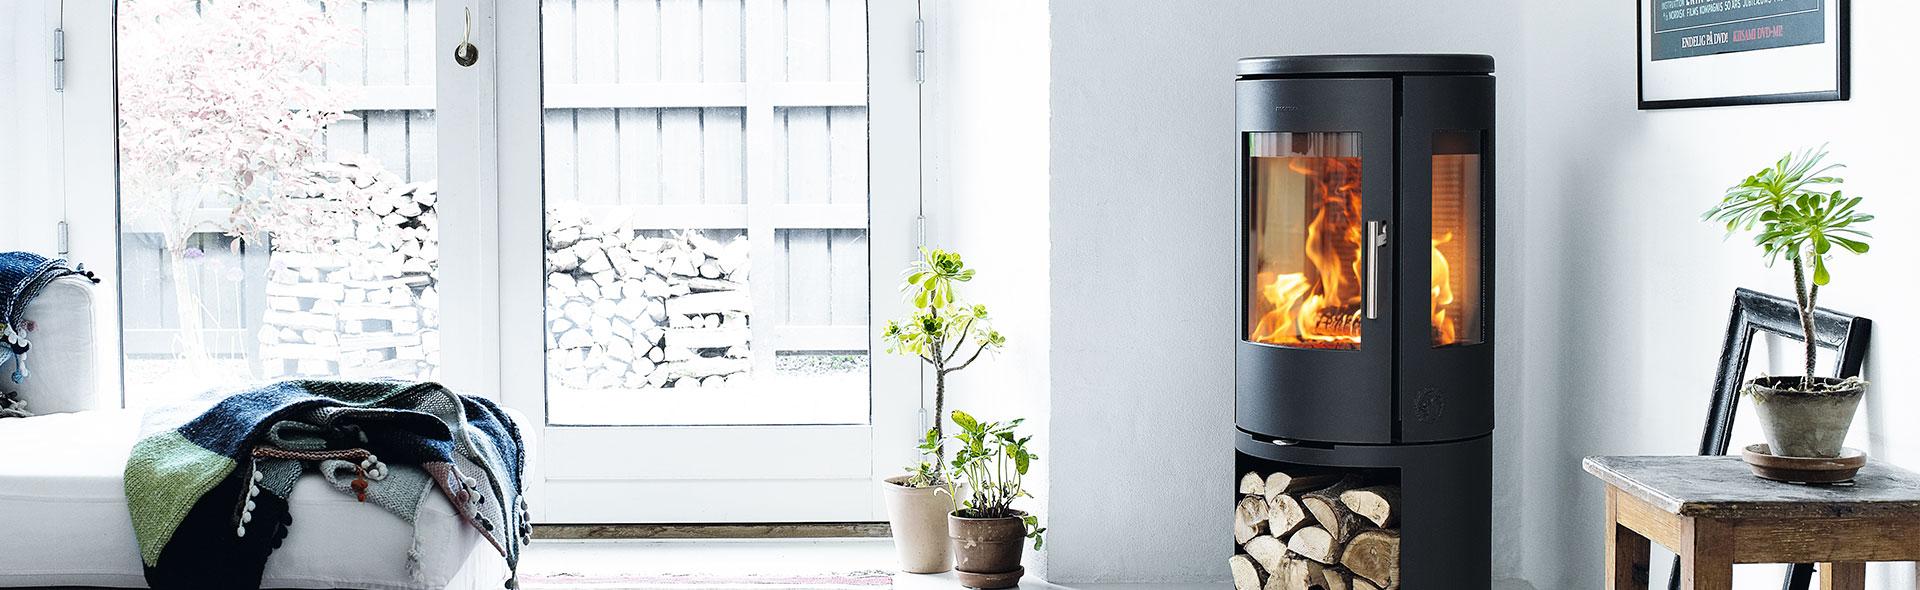 Morsø 7493 - Qui Scandinavia Design